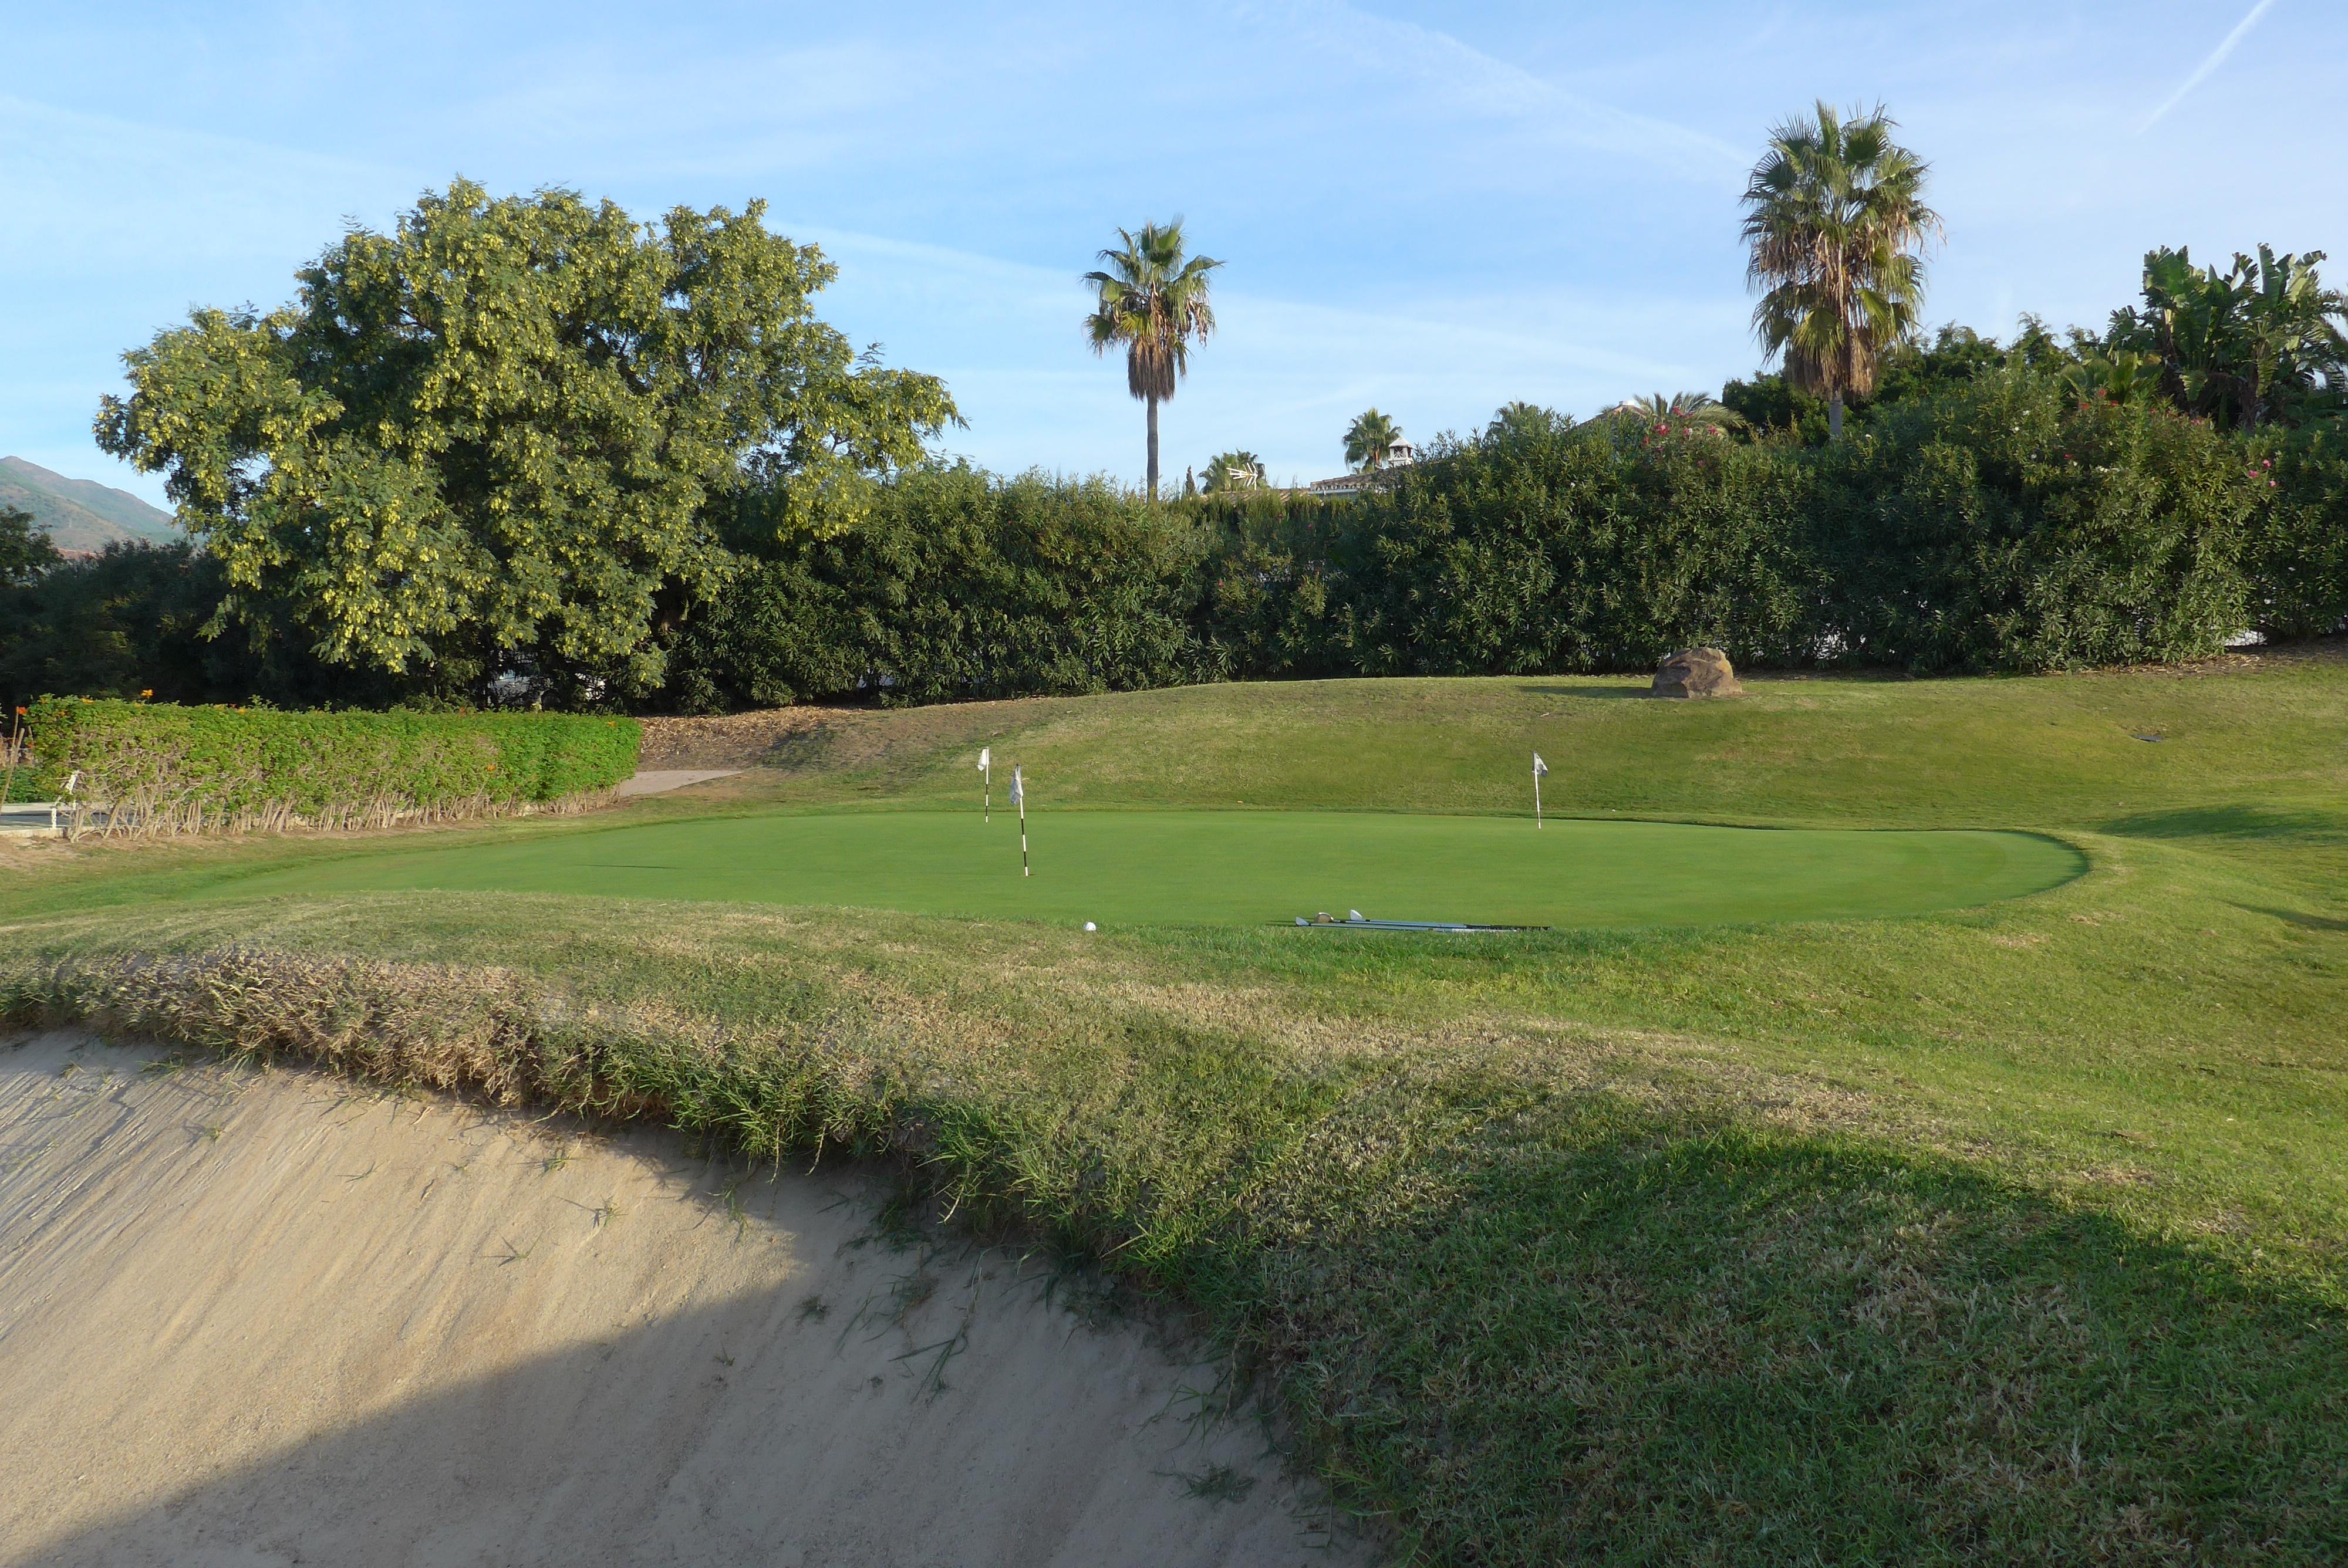 Blogginlägget handlar om glädje inom idrotten och därför är det passande med ett härligt träningsområde på en golfbana med fint väder.